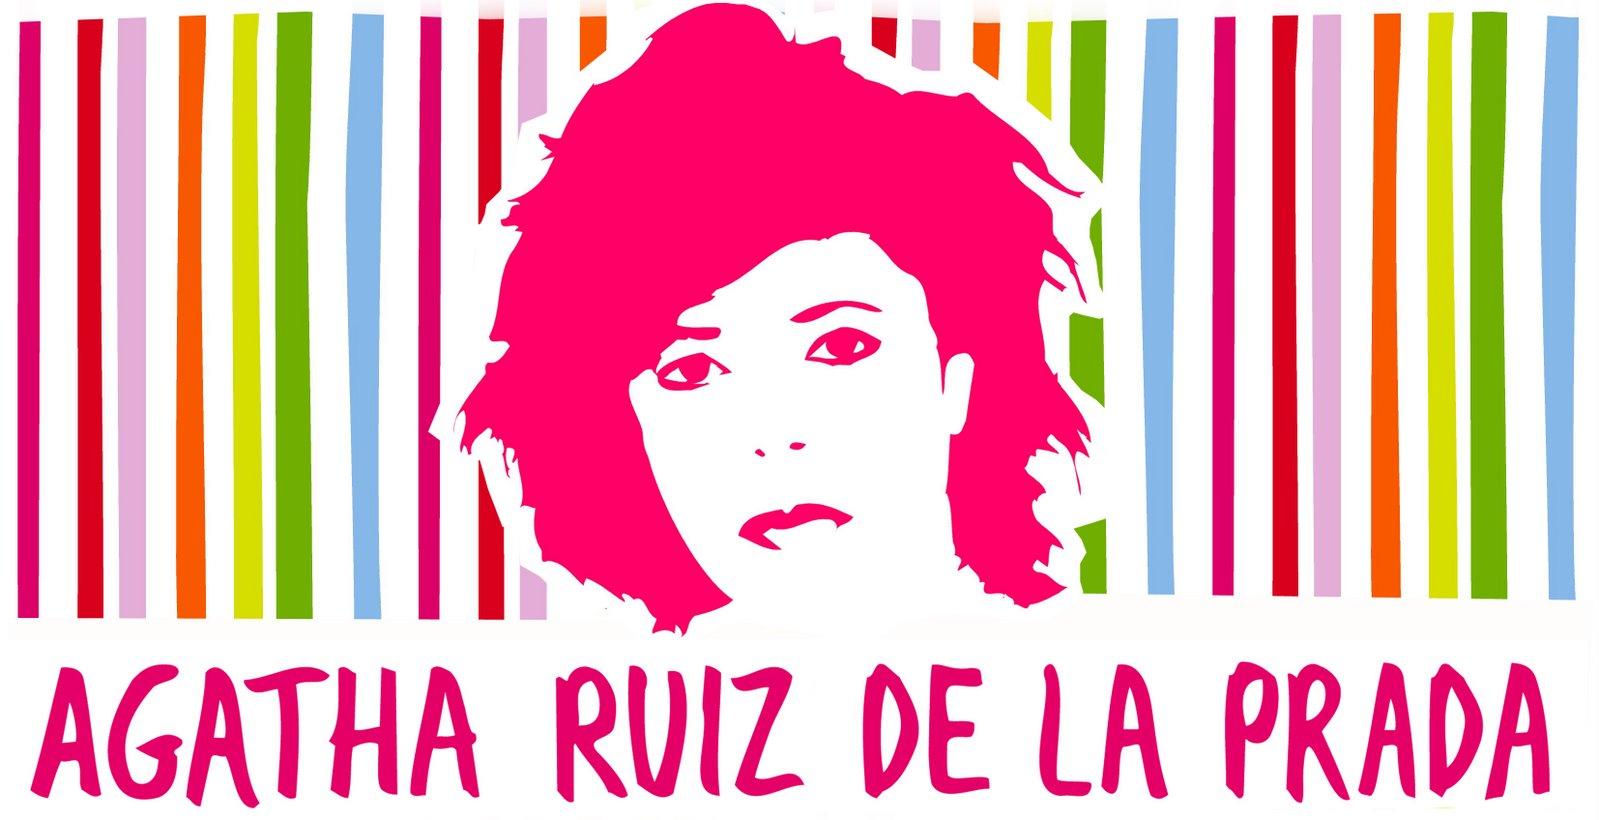 Baños Infantiles Agatha Ruiz De La Prada:El baúl de la abuela Encarna : Agatha Ruiz de la Prada